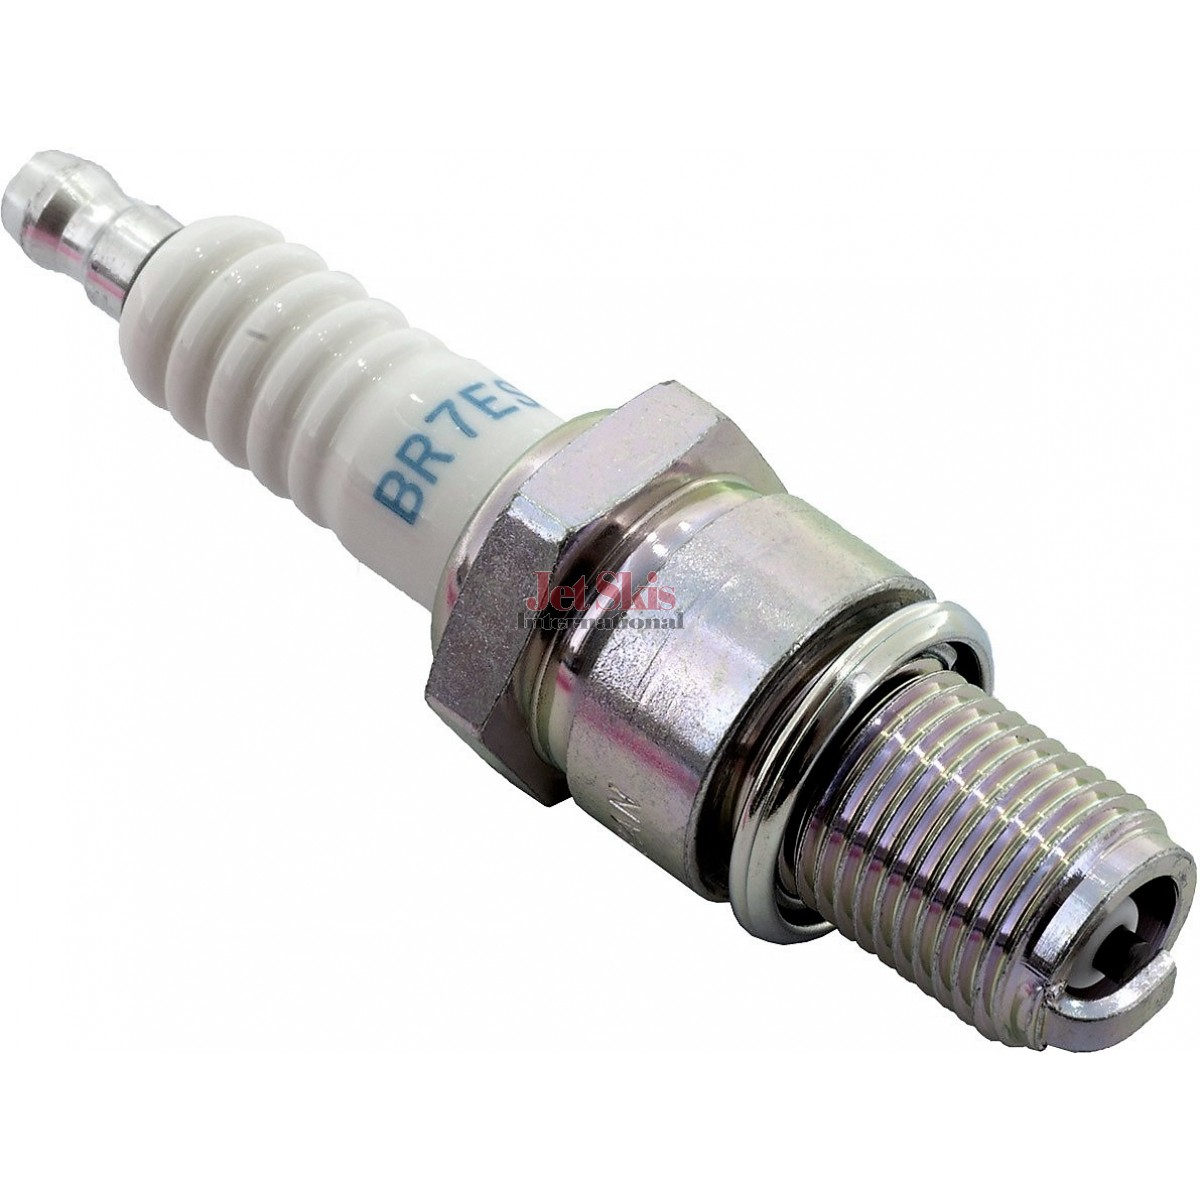 hight resolution of ngk spark plug br7es